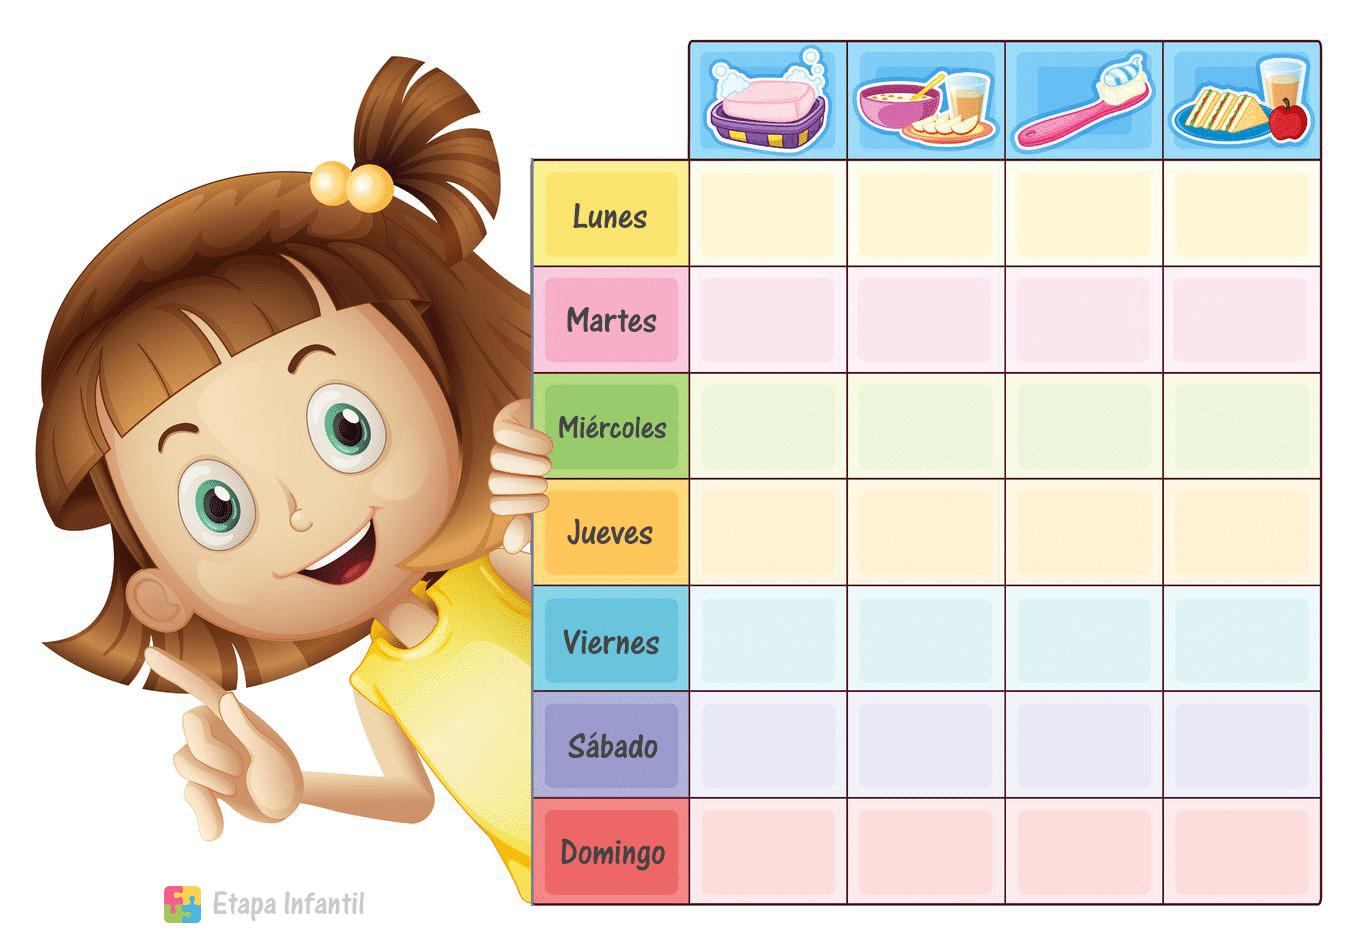 Logopedia en especial tabla de rutinas para ni os en el hogar - Como hacer fotos a bebes en casa ...